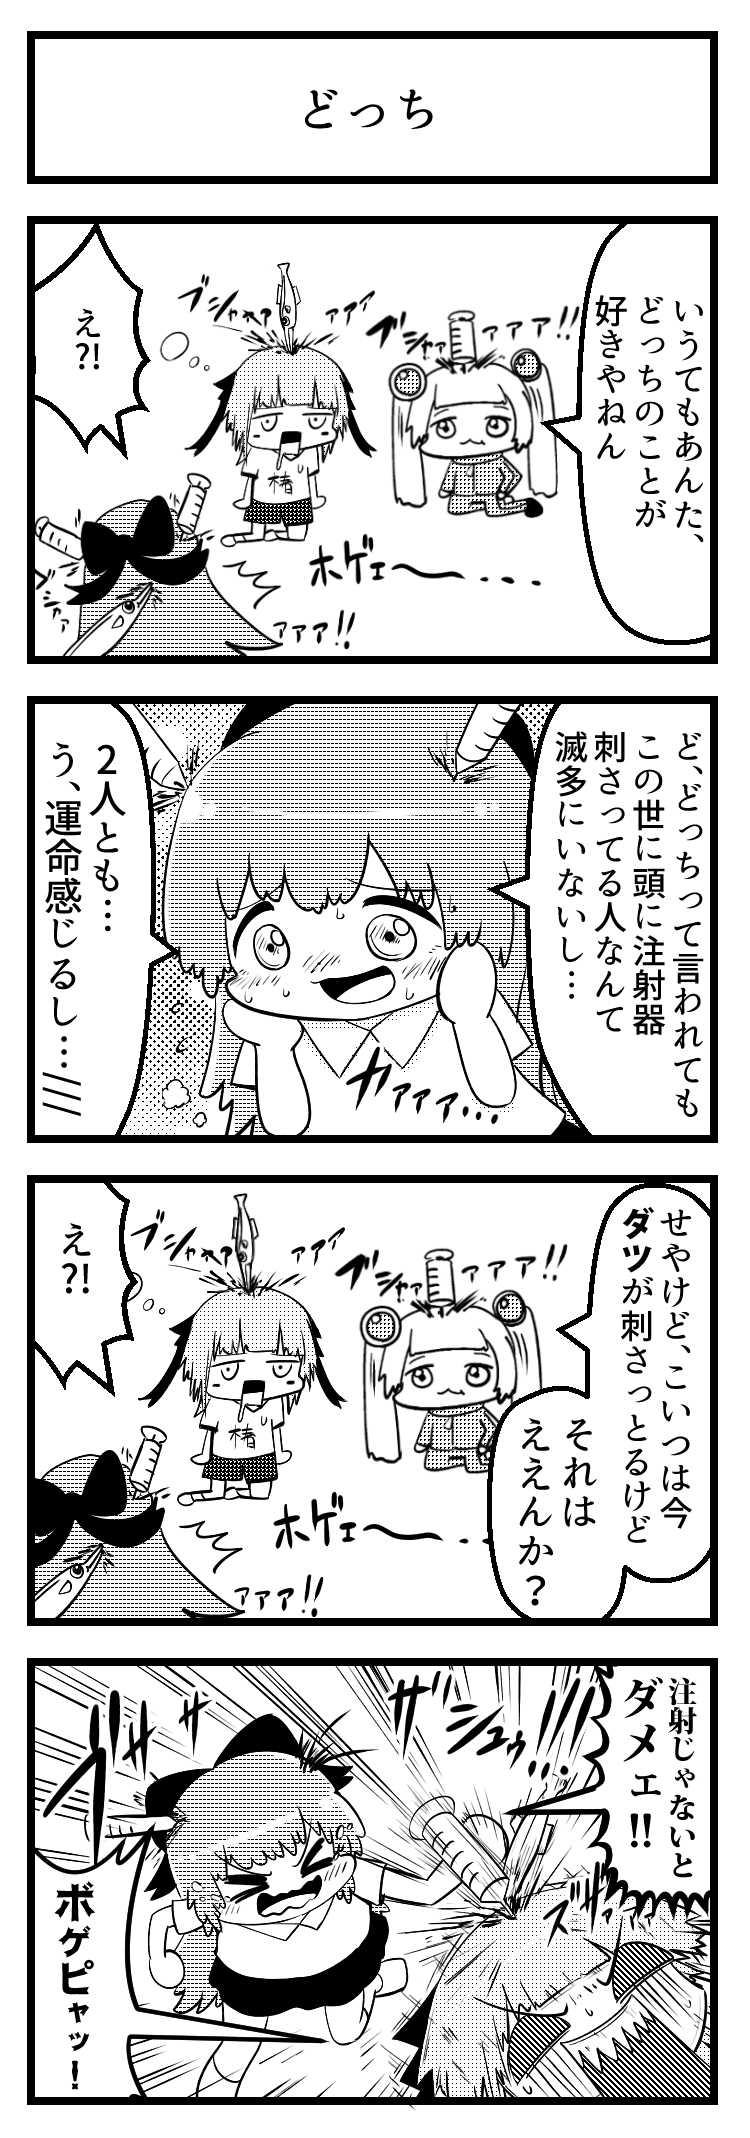 それいけ!ゆりゆりちゃん! 54話